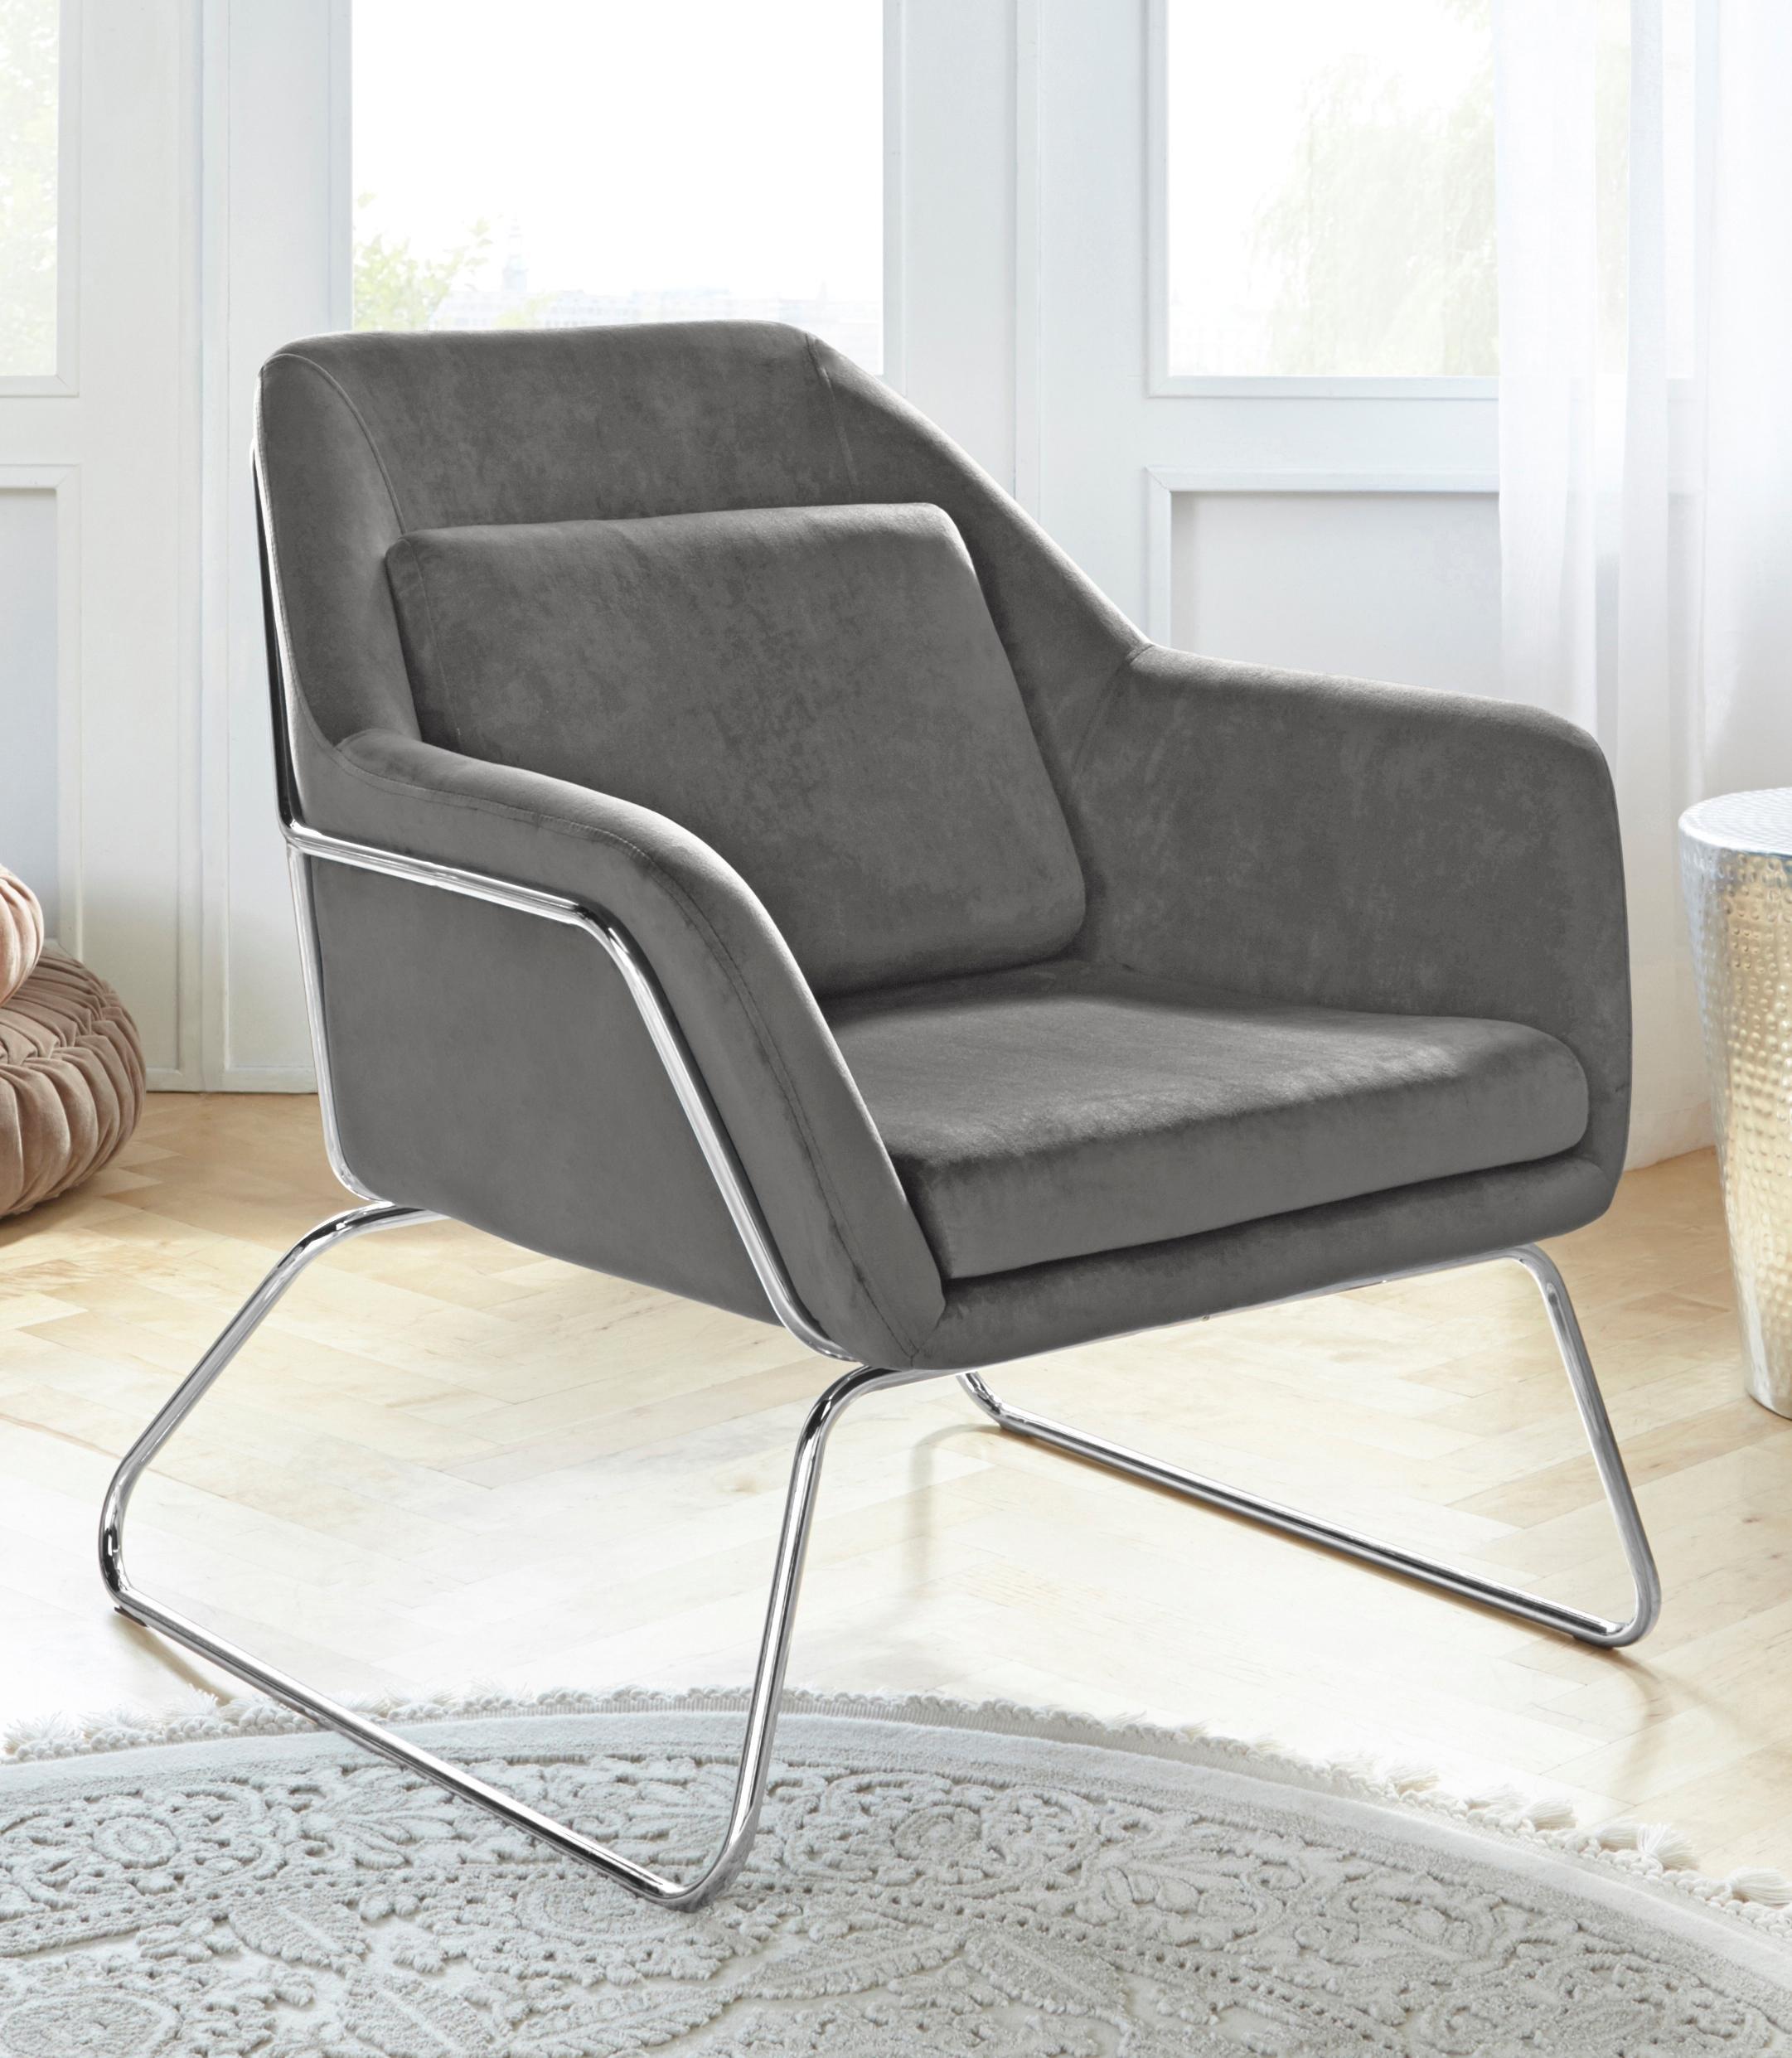 Leonique fauteuil »Cassis« bij OTTO online kopen